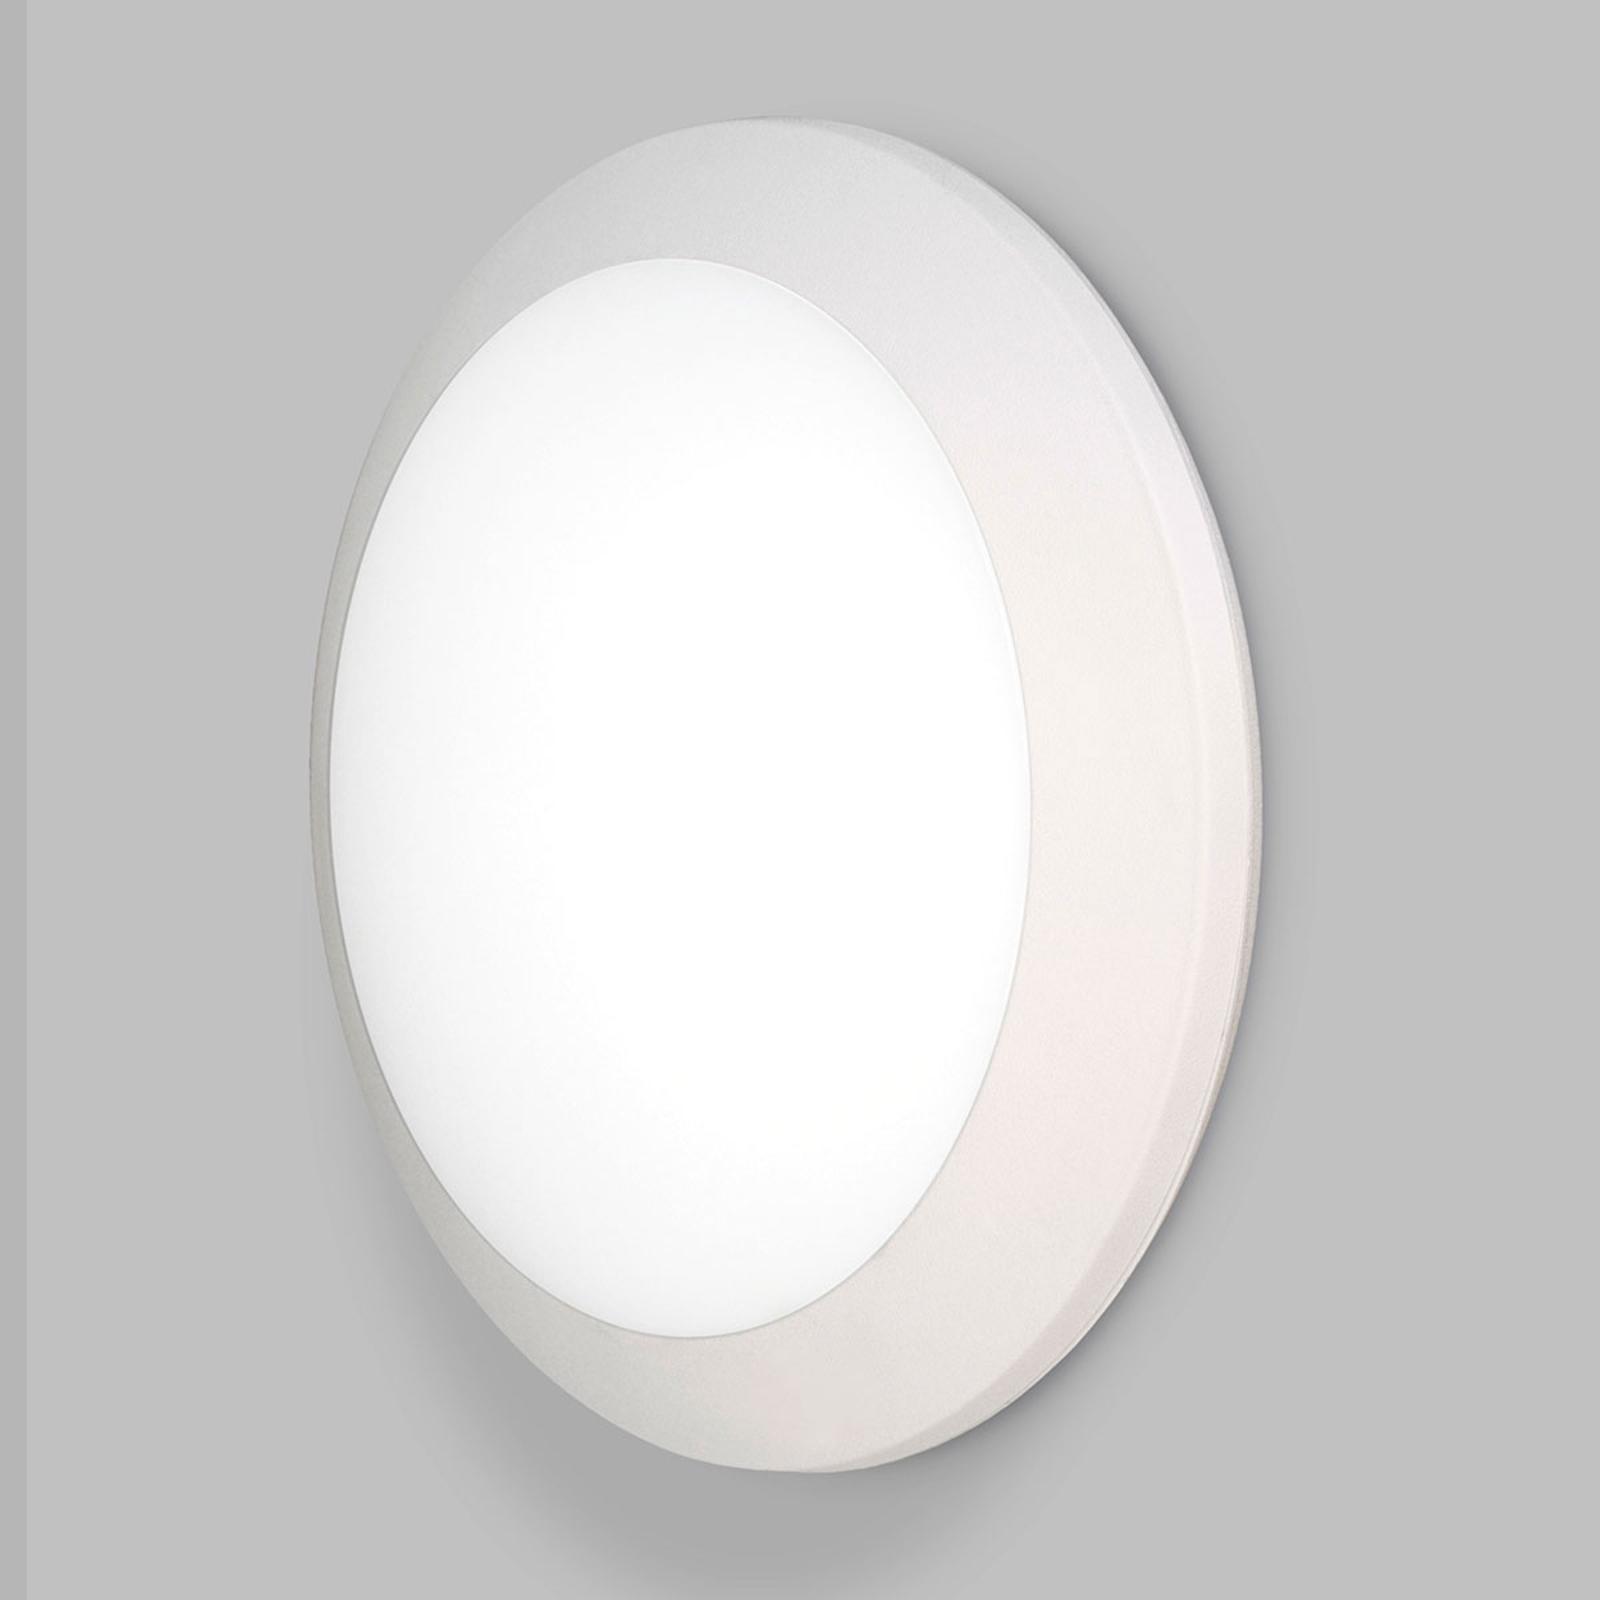 LED-Außenwandleuchte Umberta Ø 35cm weiß 11W CCT